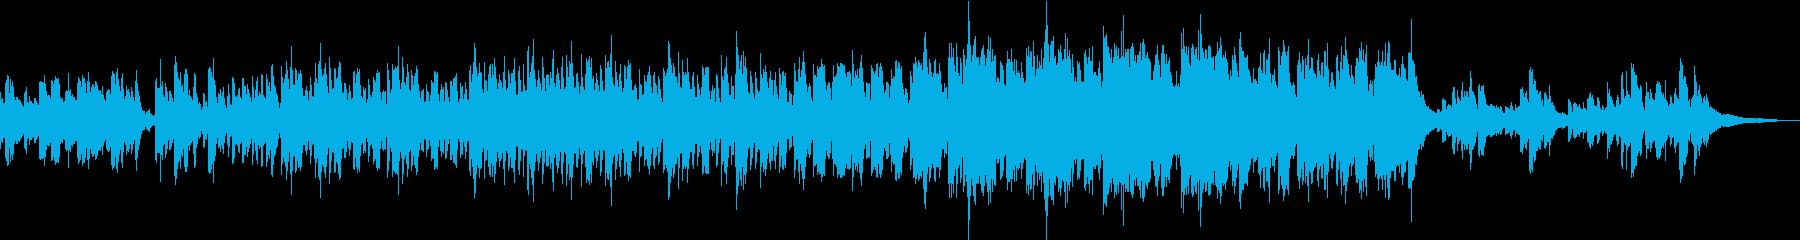 和風な空間を演出する日本琴の優雅な演奏曲の再生済みの波形